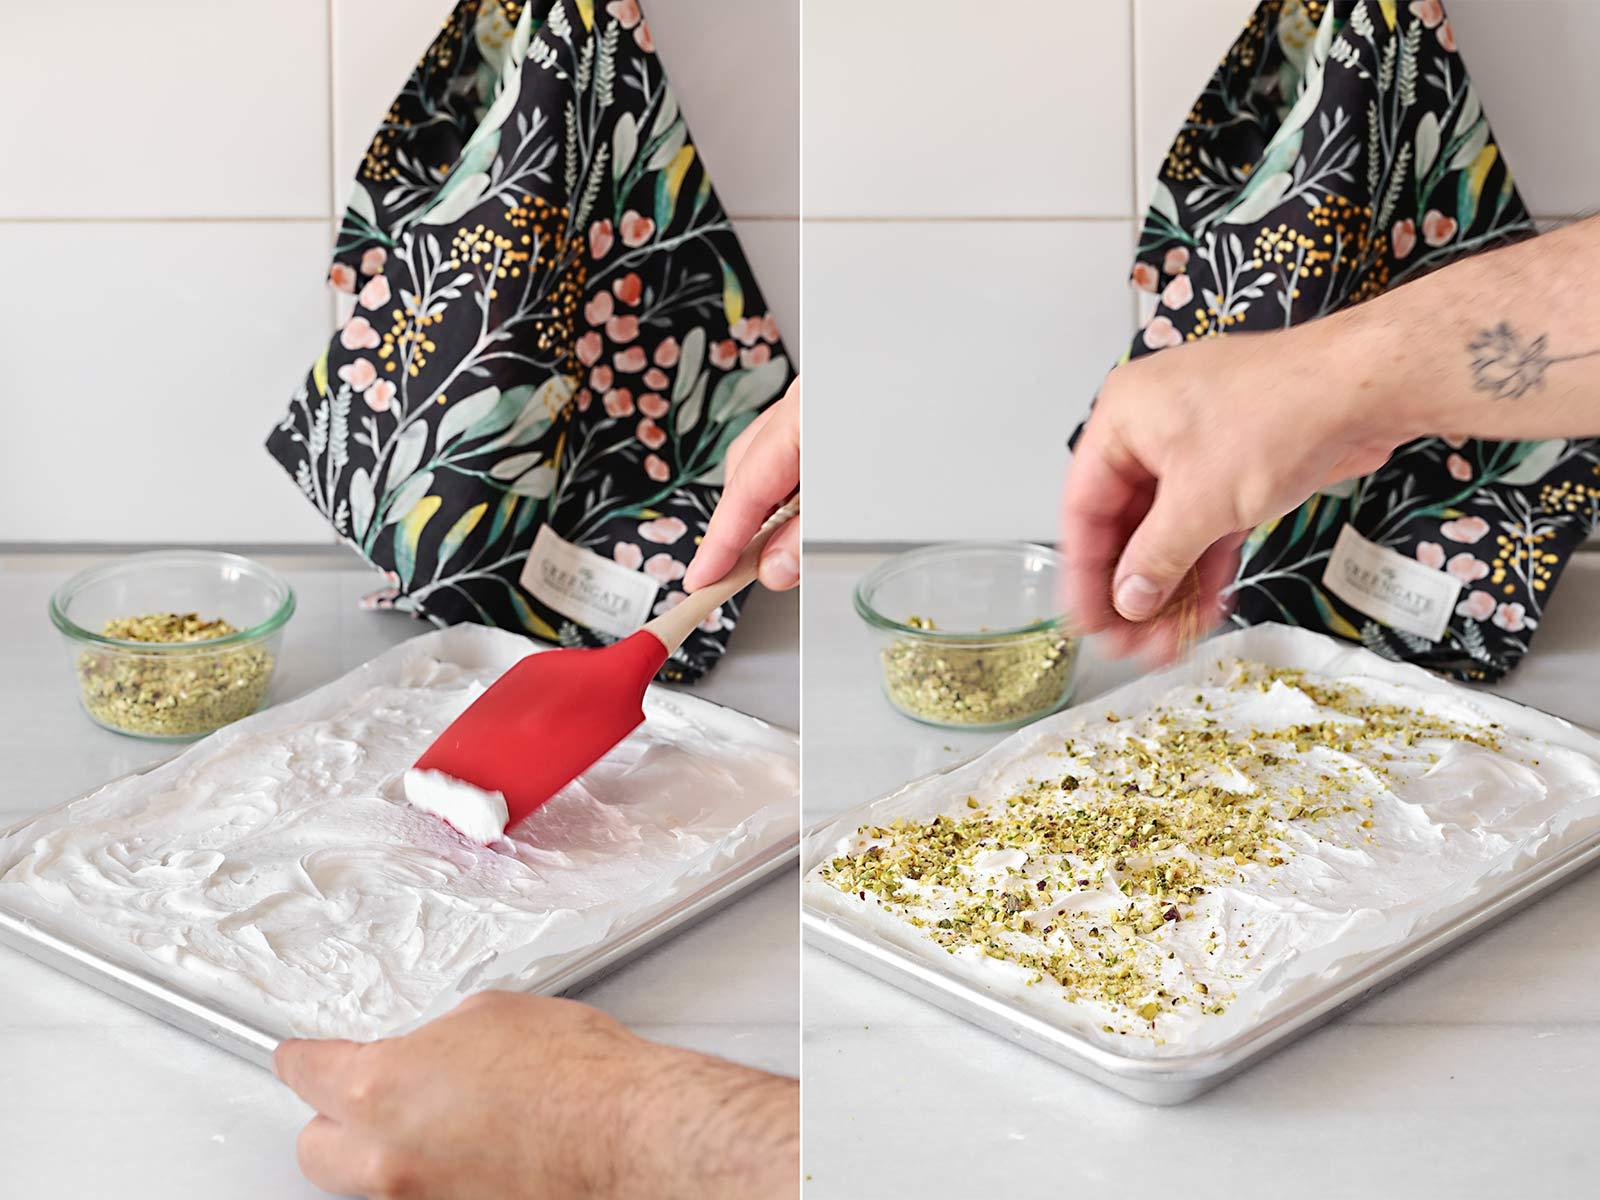 Receta roulade de merengue, limón y pistachos